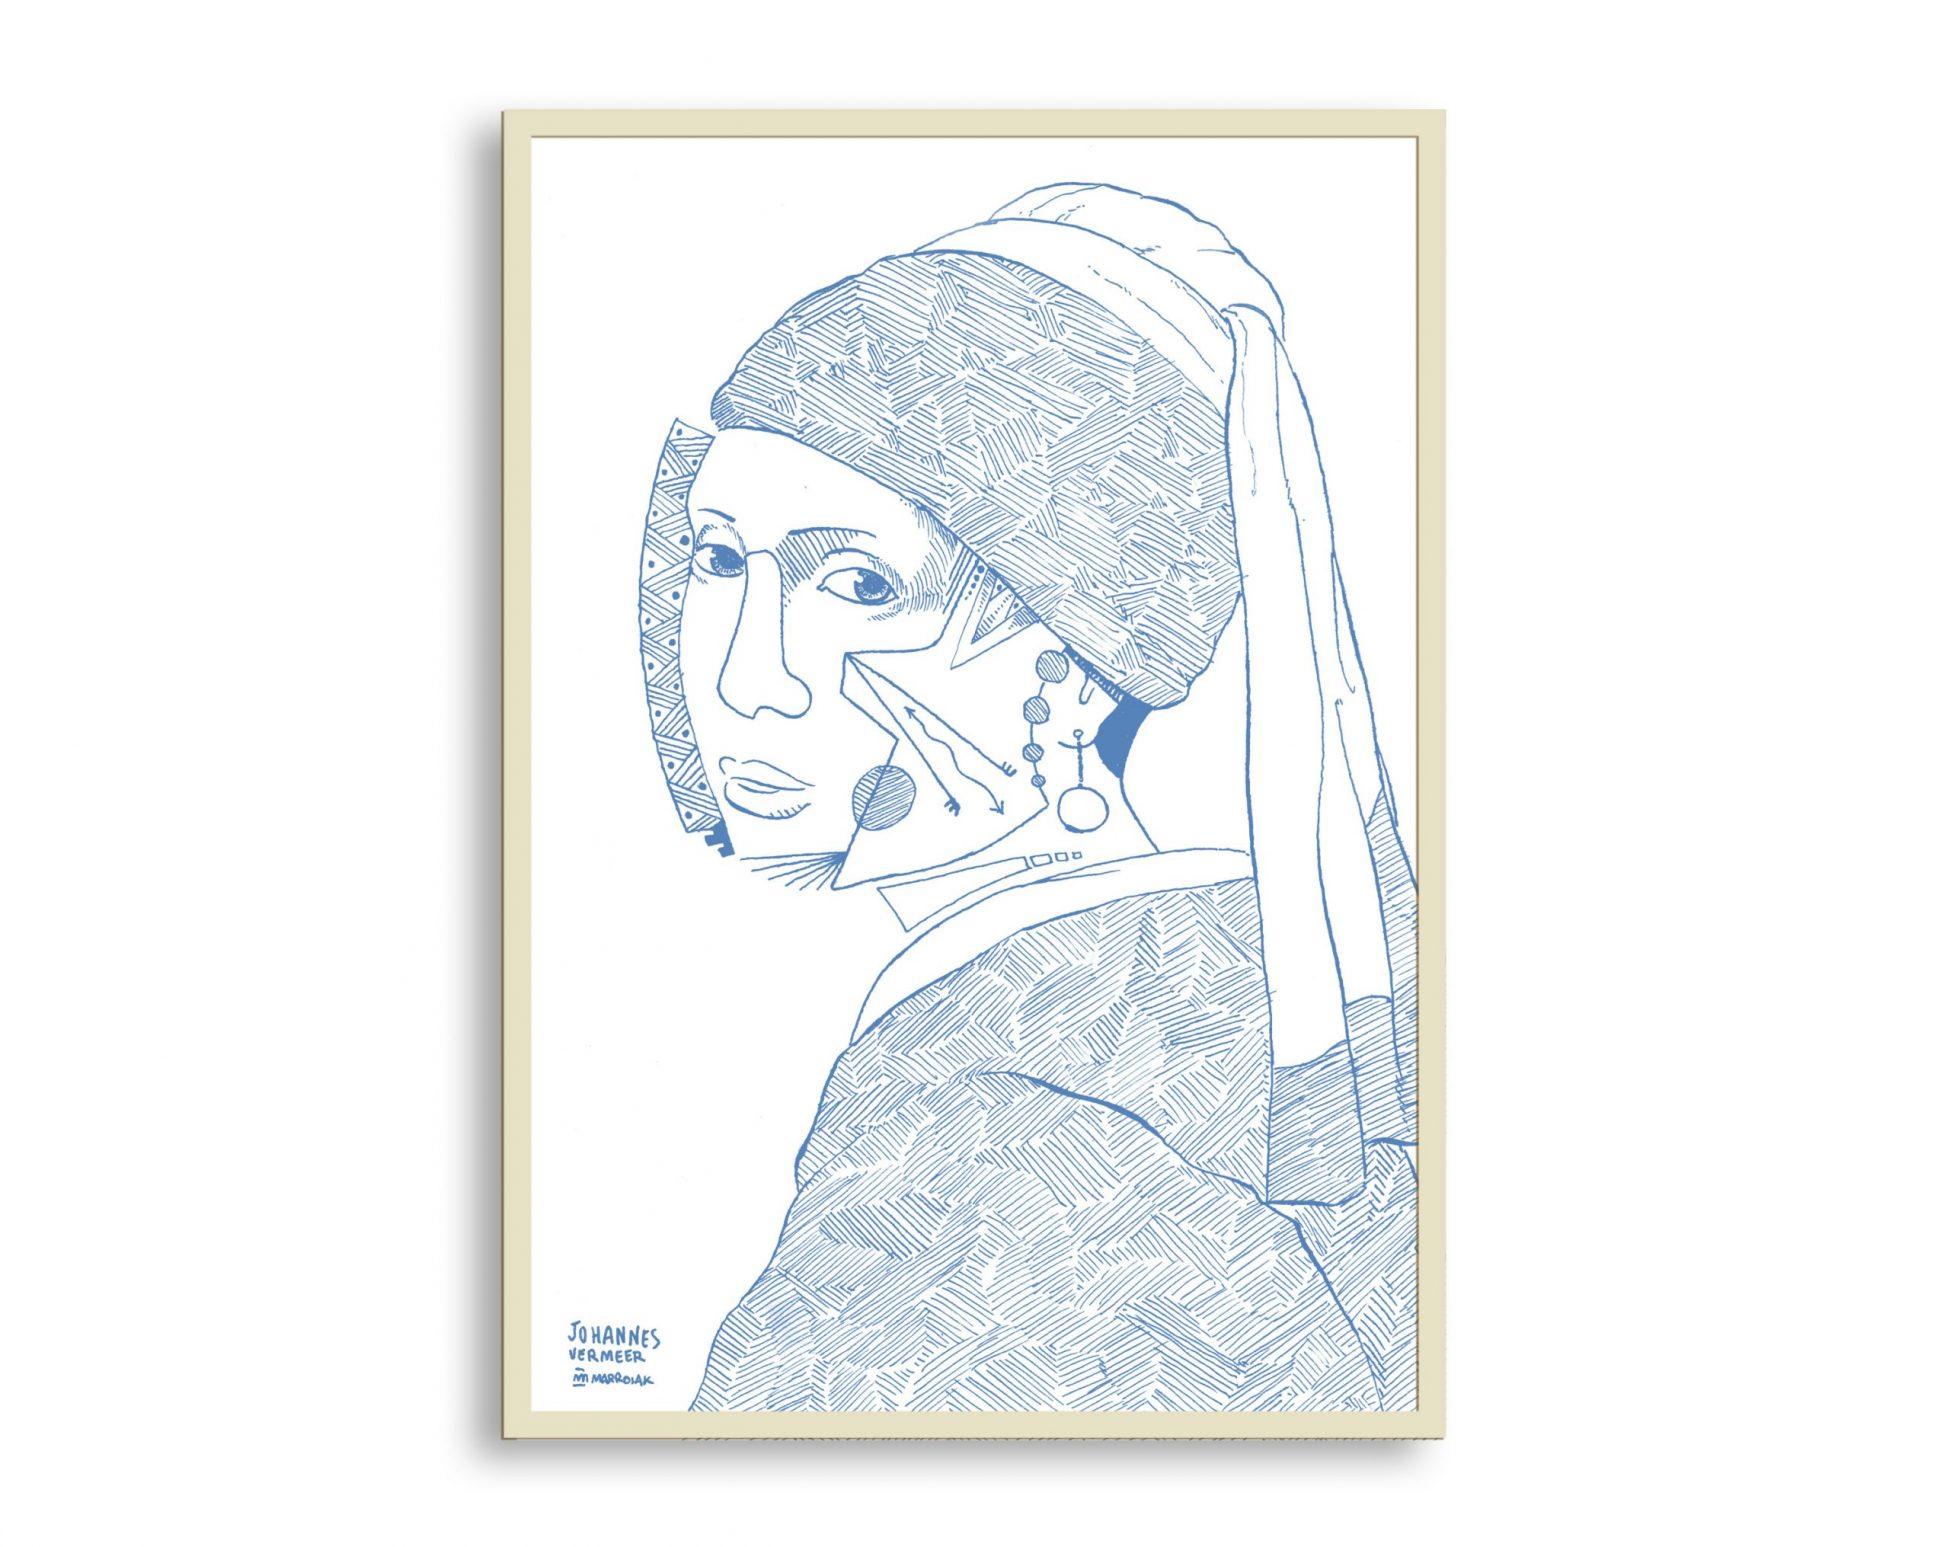 Dibujo enmarcado con una versión de La Joven de la Perla de Johannes Vermeer. Etsy, venta